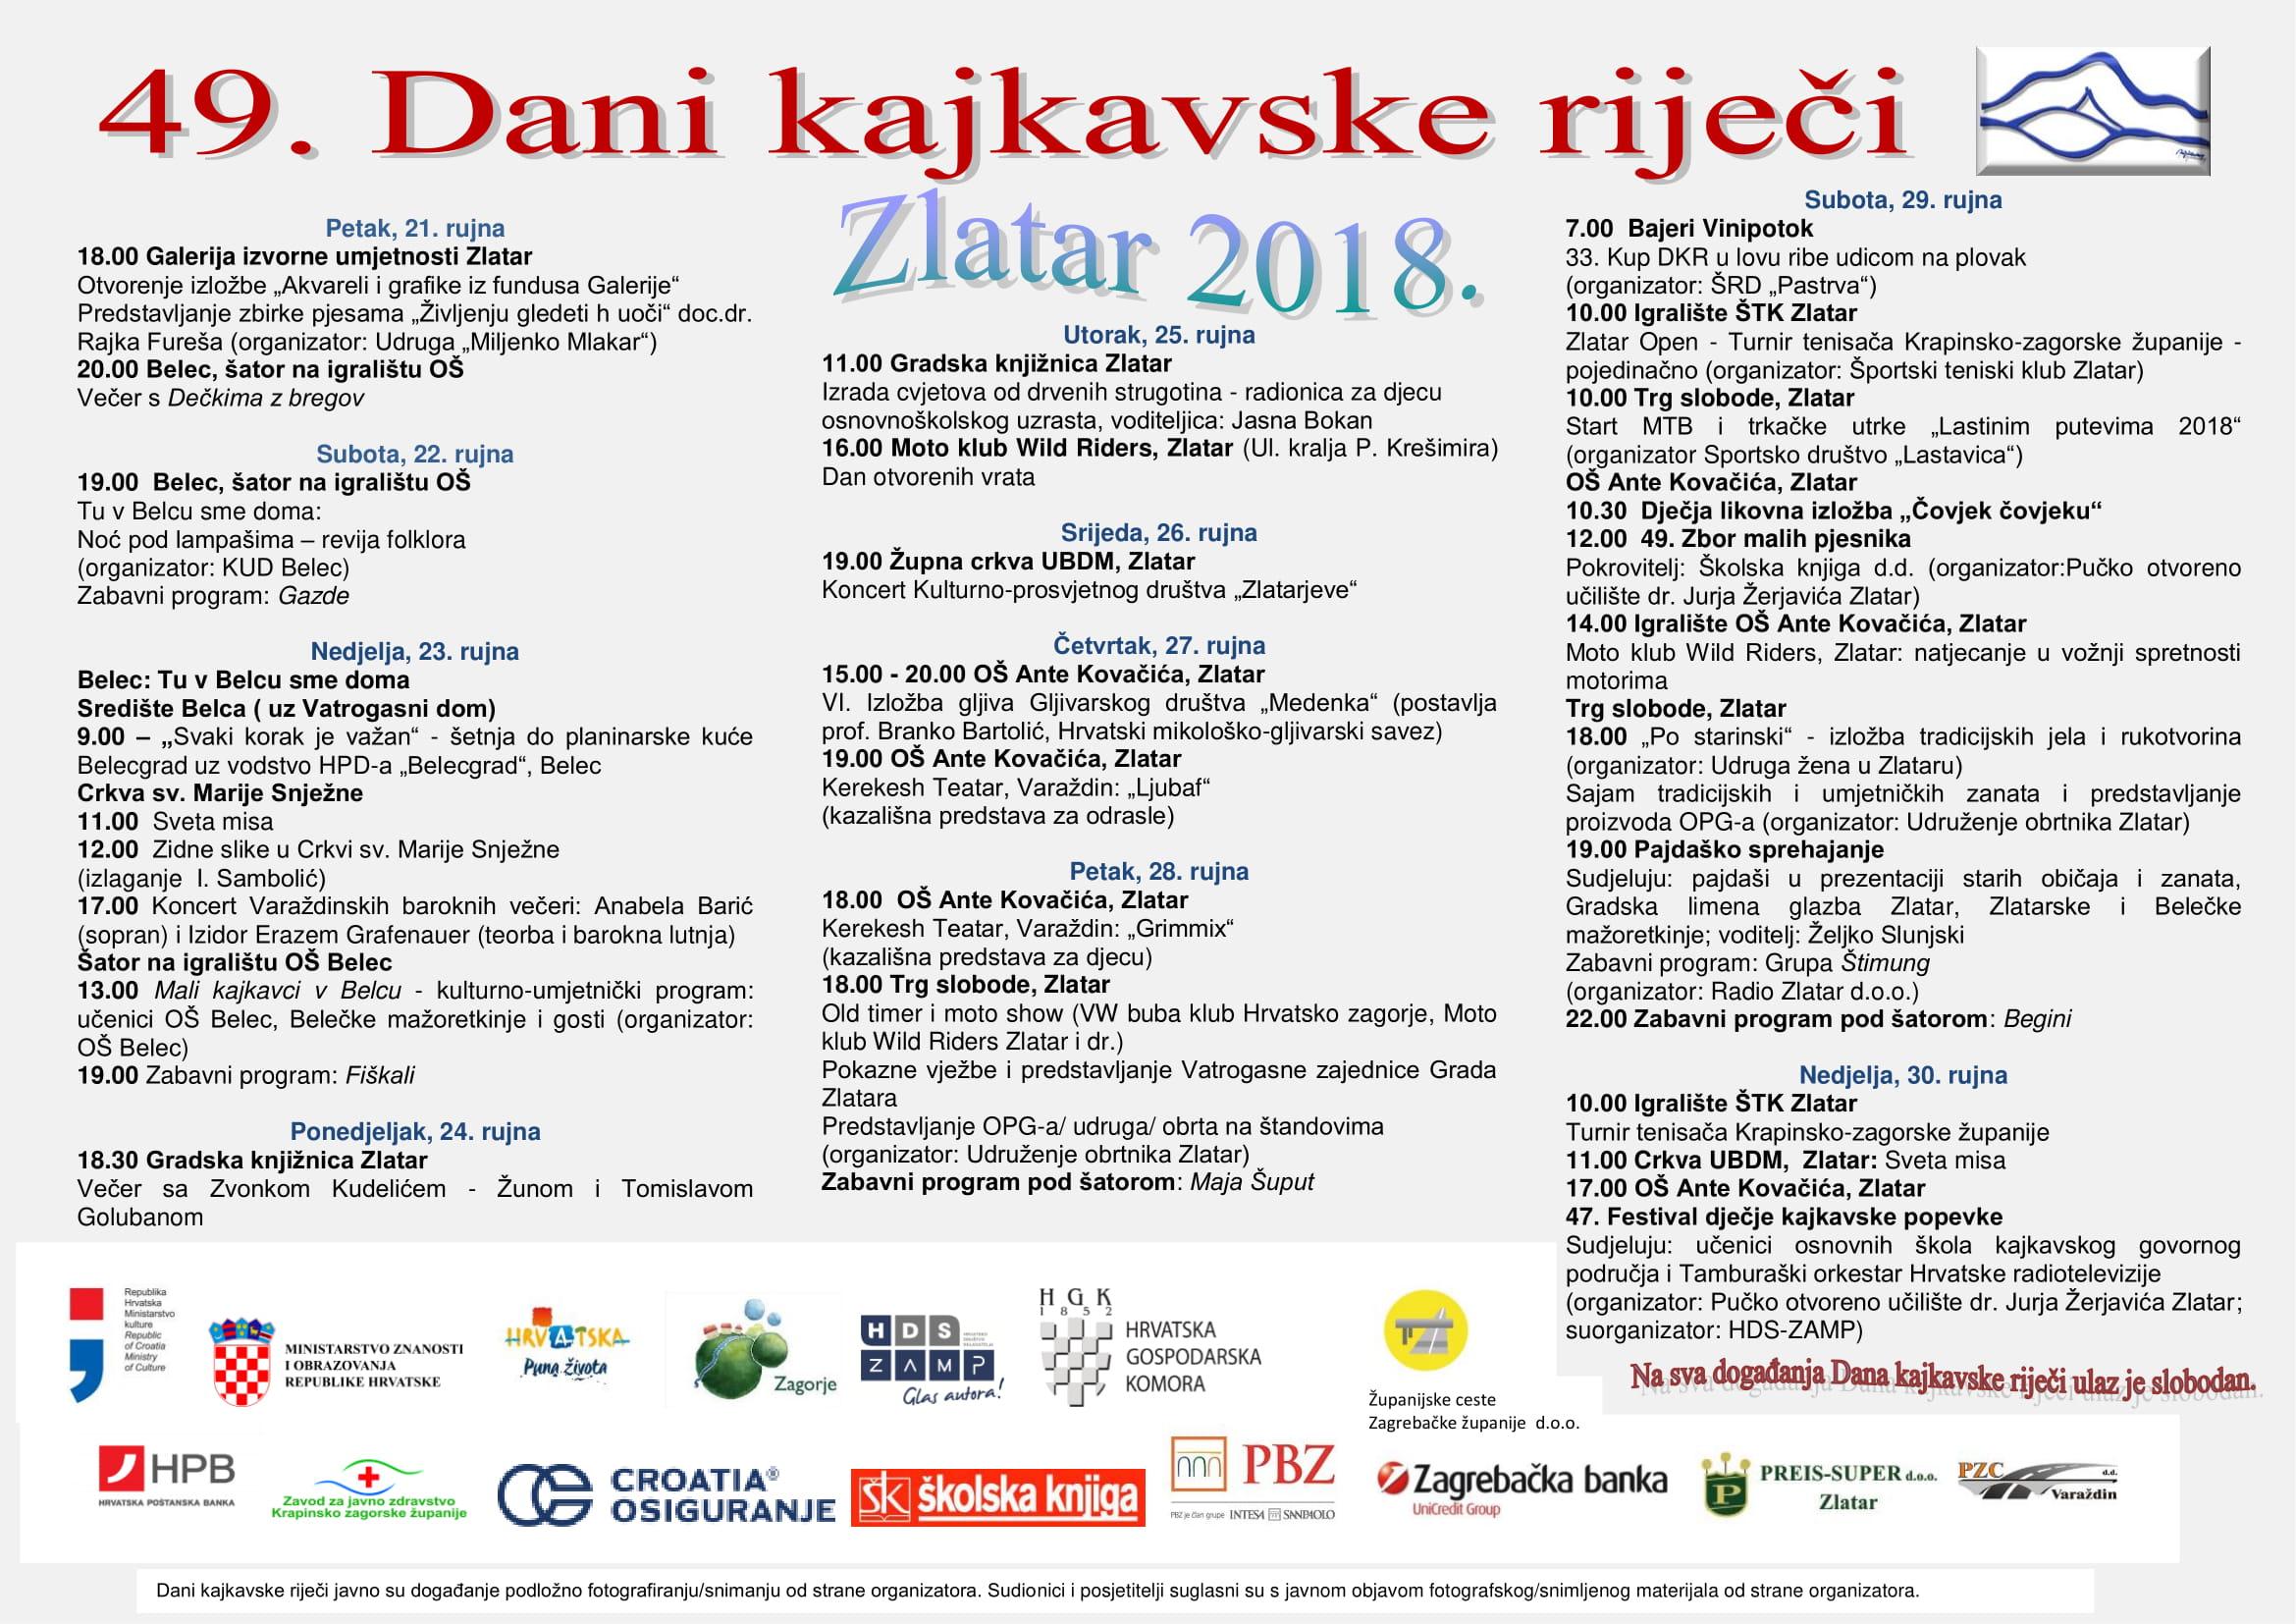 Program Dani kajkavske rije¦Źi 2018wl-1